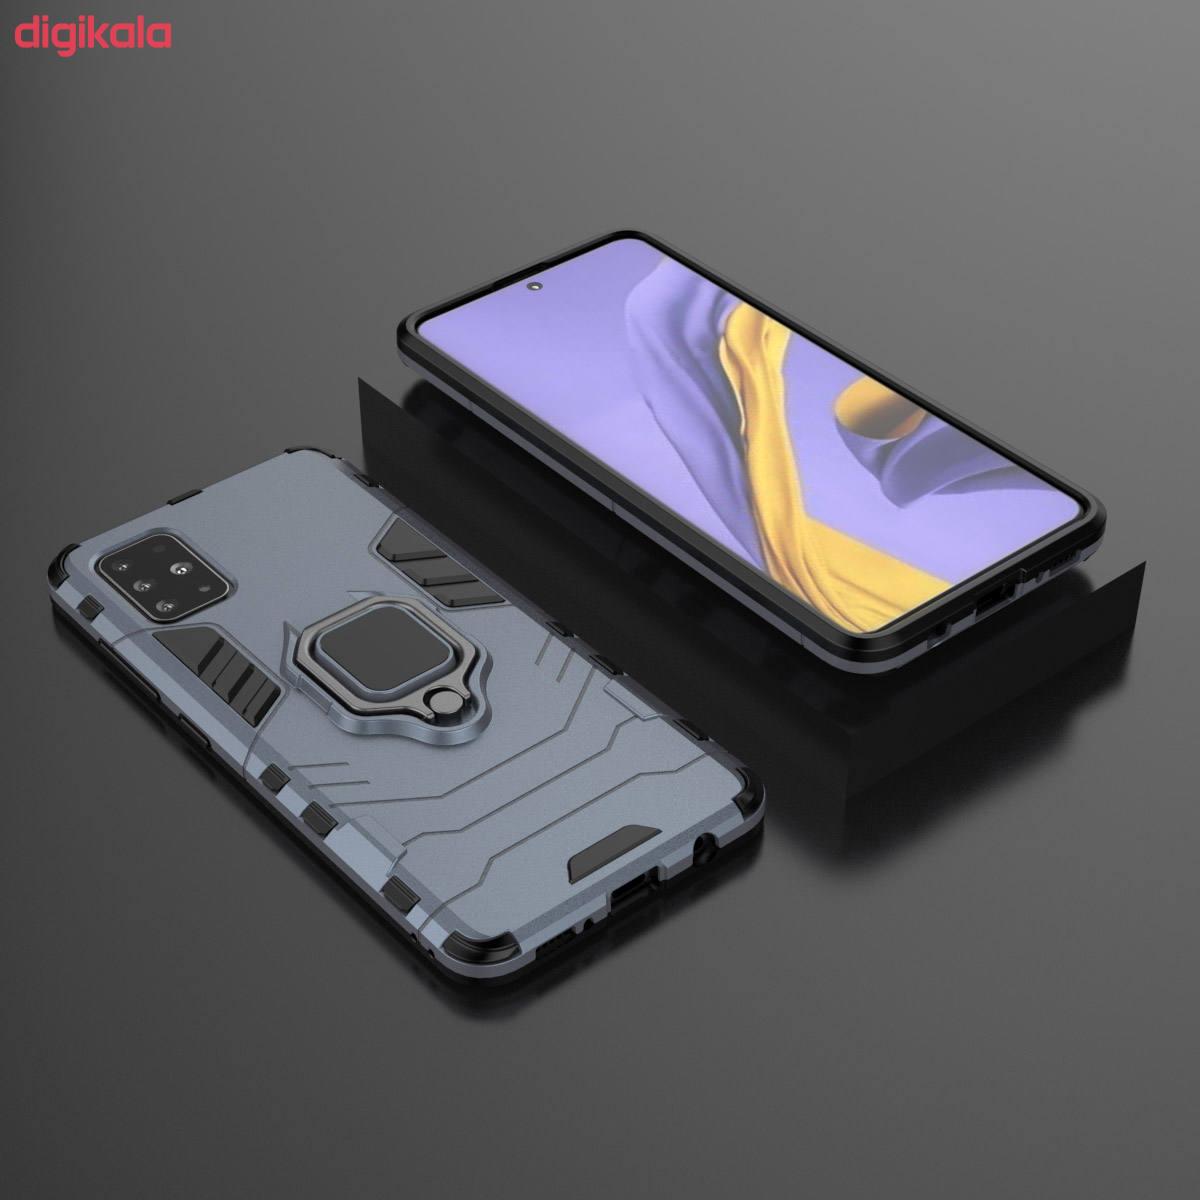 کاور سامورایی مدل ARC-2020 مناسب برای گوشی موبایل سامسونگ Galaxy A71 main 1 18